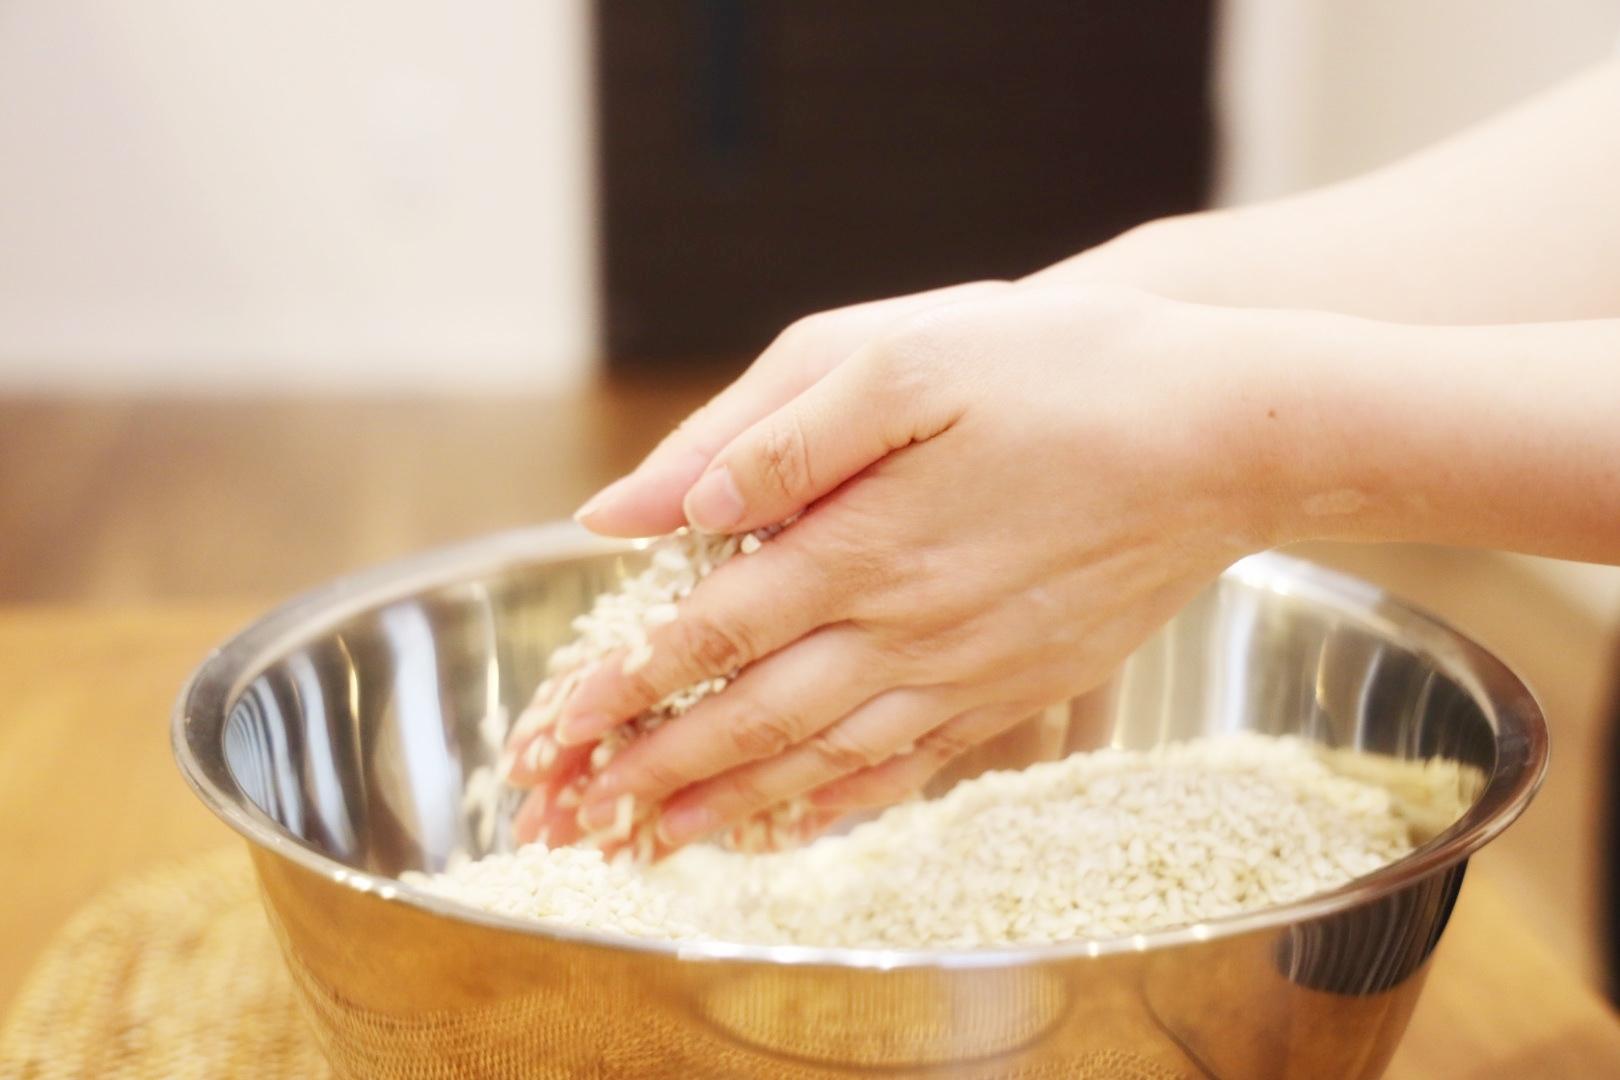 備蓄や保存に最適!免疫力を高める最強の発酵食品「味噌」を、ジップロックで手軽に作っちゃおう♪_1_4-3